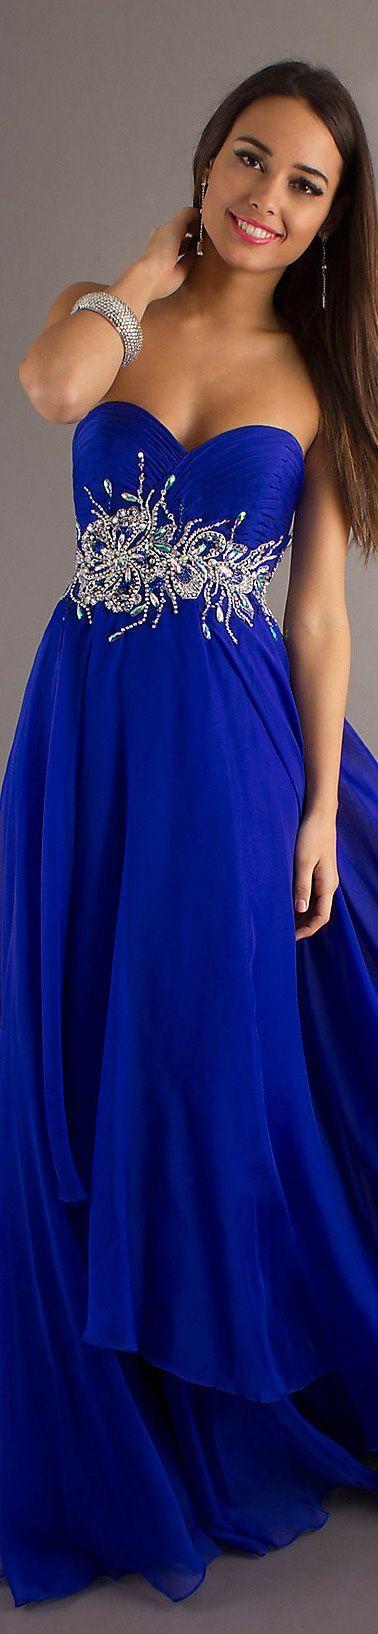 Vestidos para fiesta de dia color azul